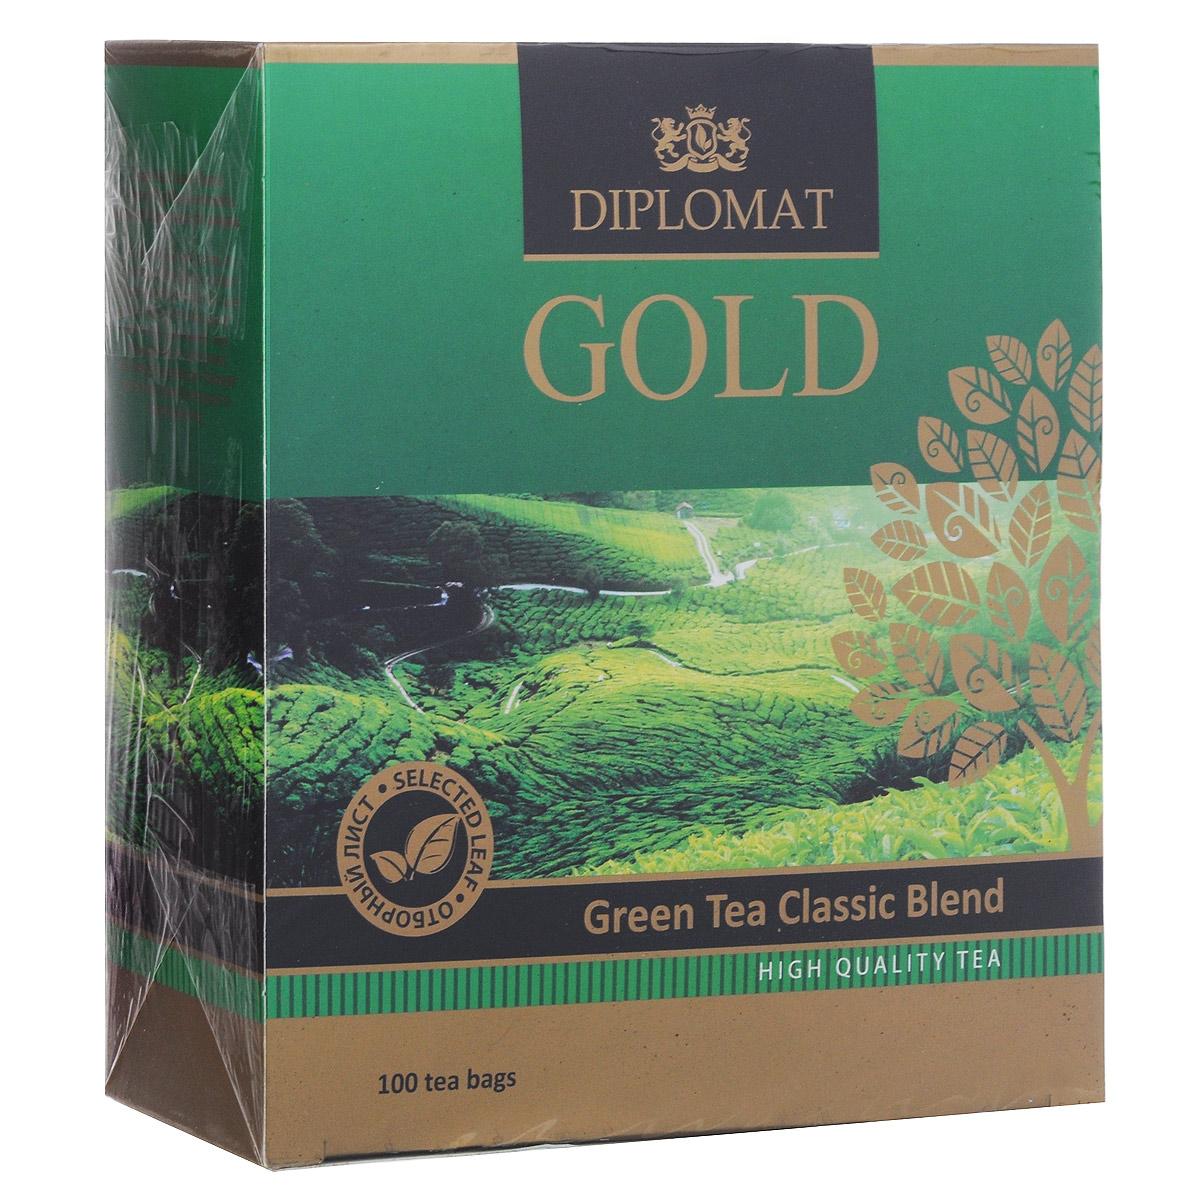 Diplomat Green Tea Classic Blend зеленый чай в пакетиках, 100 шт.4623721273858Зеленый чай Diplomat Green Tea Classic Blend в пакетиках для разовой заварки. Чистый и легкий чай для тех, кто ценит уникальный вкус и аромат традиционного зеленого чая. Цвет настоя желто-зеленый, аромат цветочный, с кислинкой, вкус насыщенный, но не терпкий, послевкусие умеренное. Навевает мечты об отдыхе и погружает в чарующую негу.